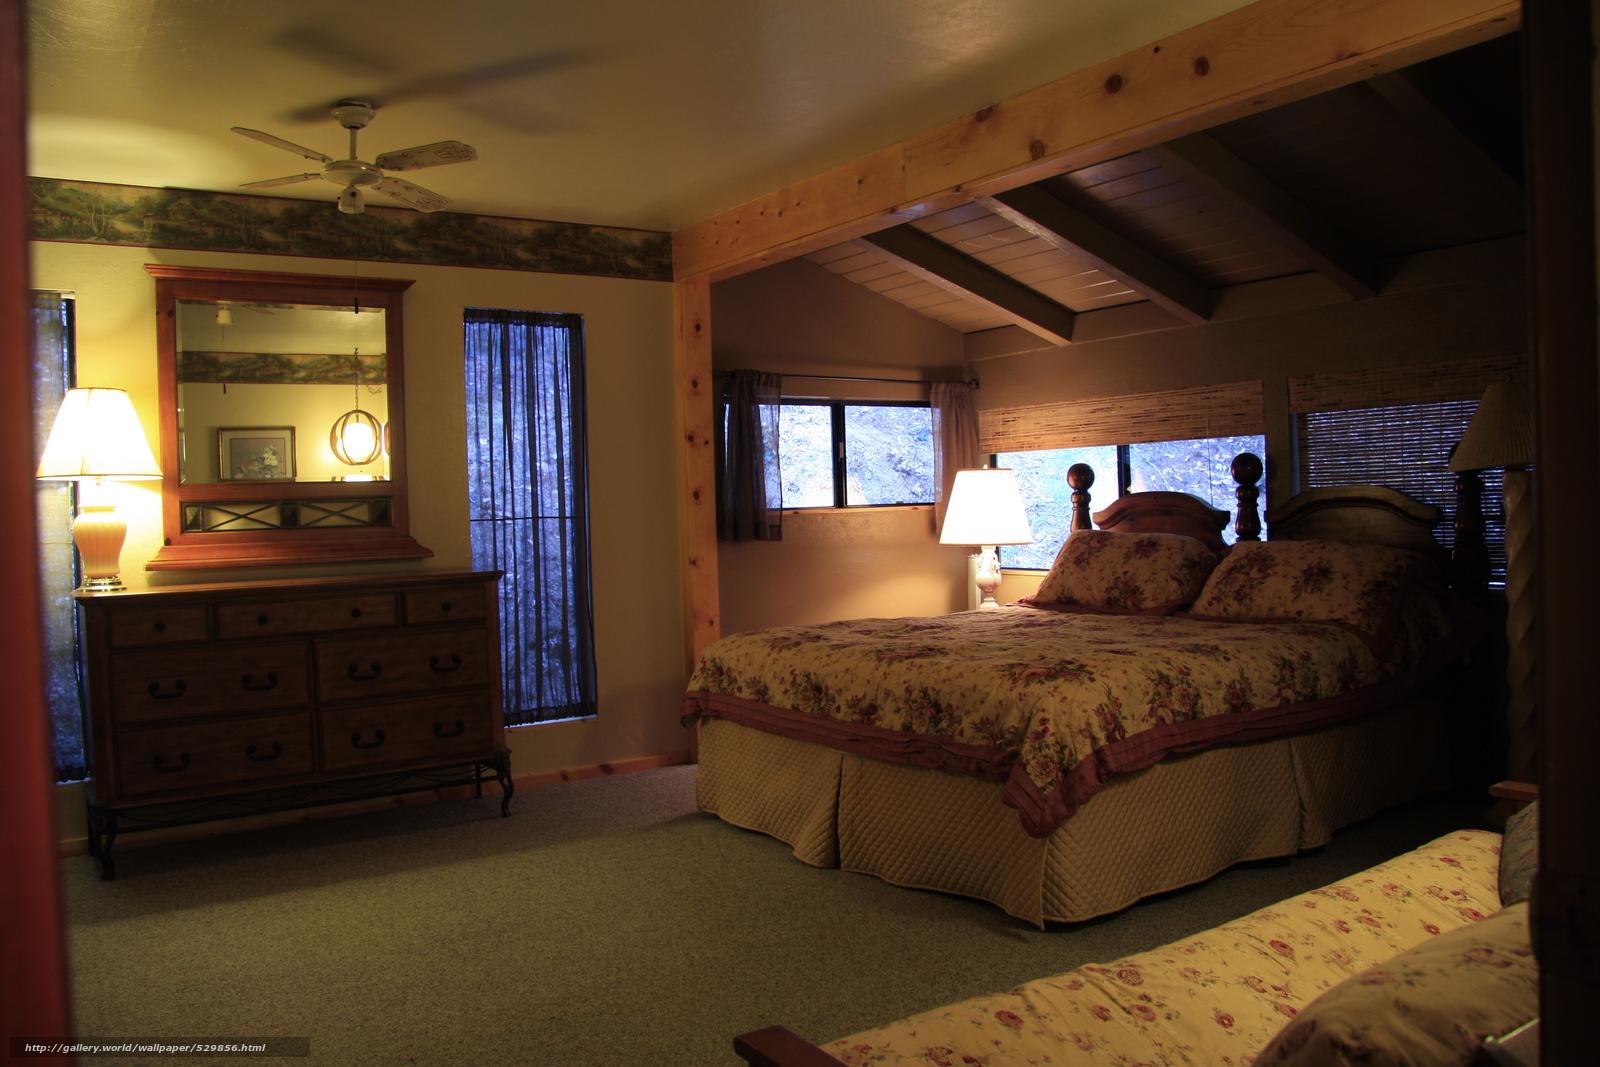 Tlcharger fond d ecran intrieur maison de campagne cottage